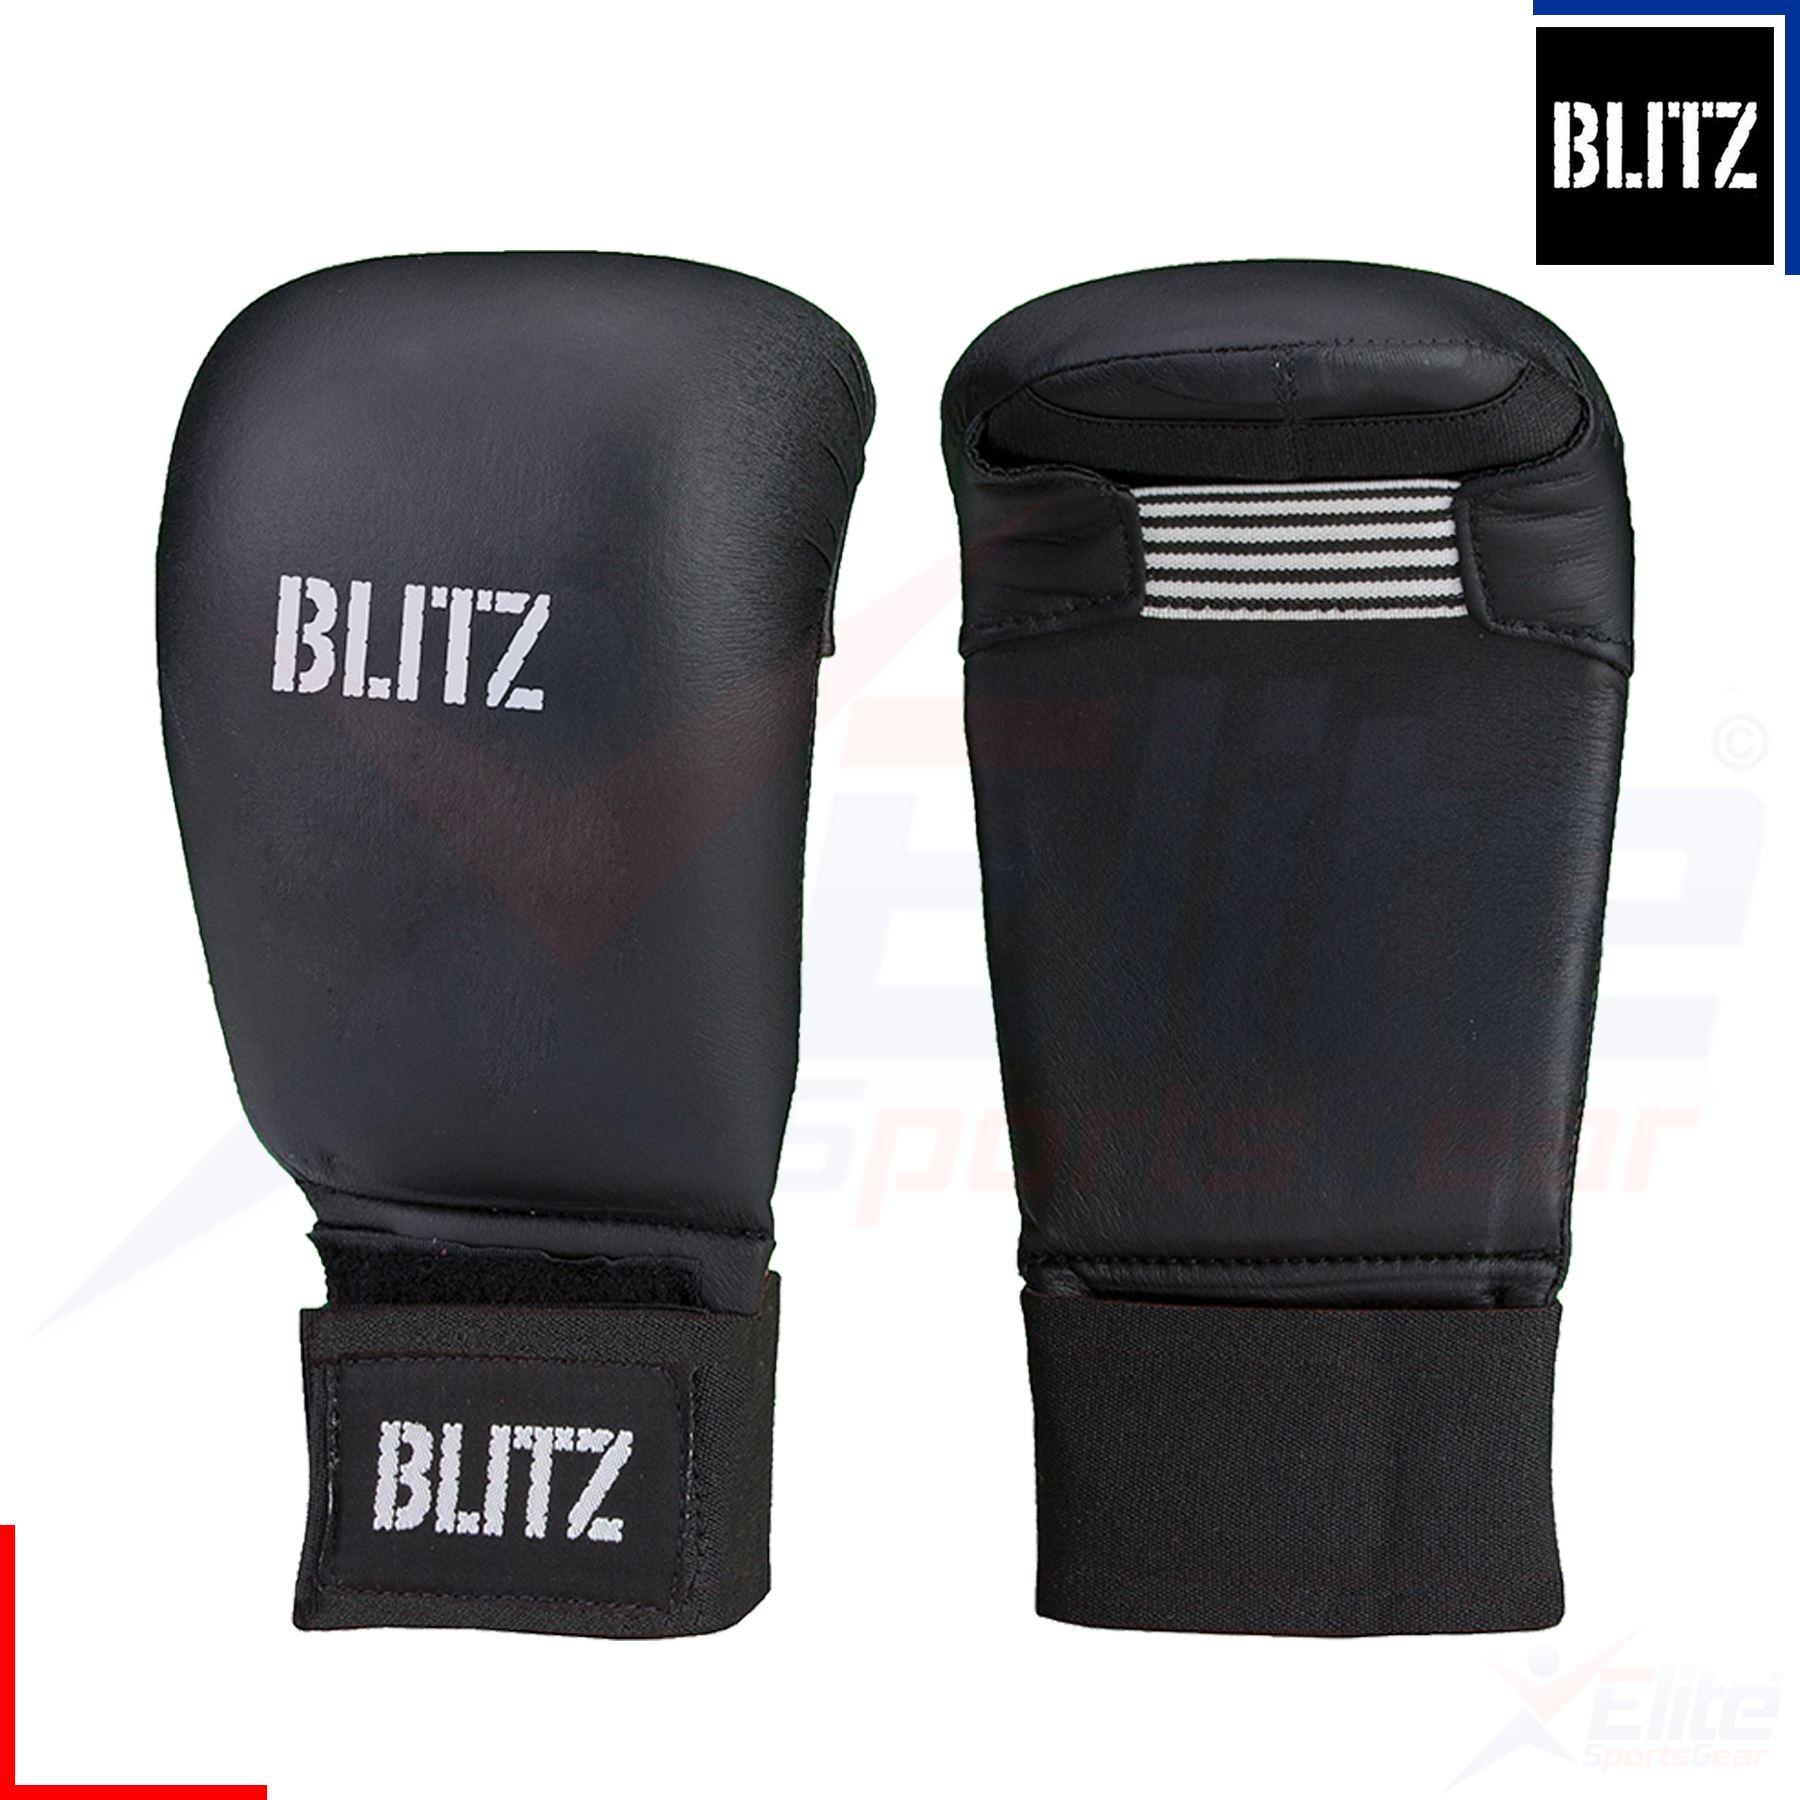 BLITZ PU Elite Elite Elite Mitaines sans pouce arts martiaux karaté entraînement Gants XS, S 2628c4